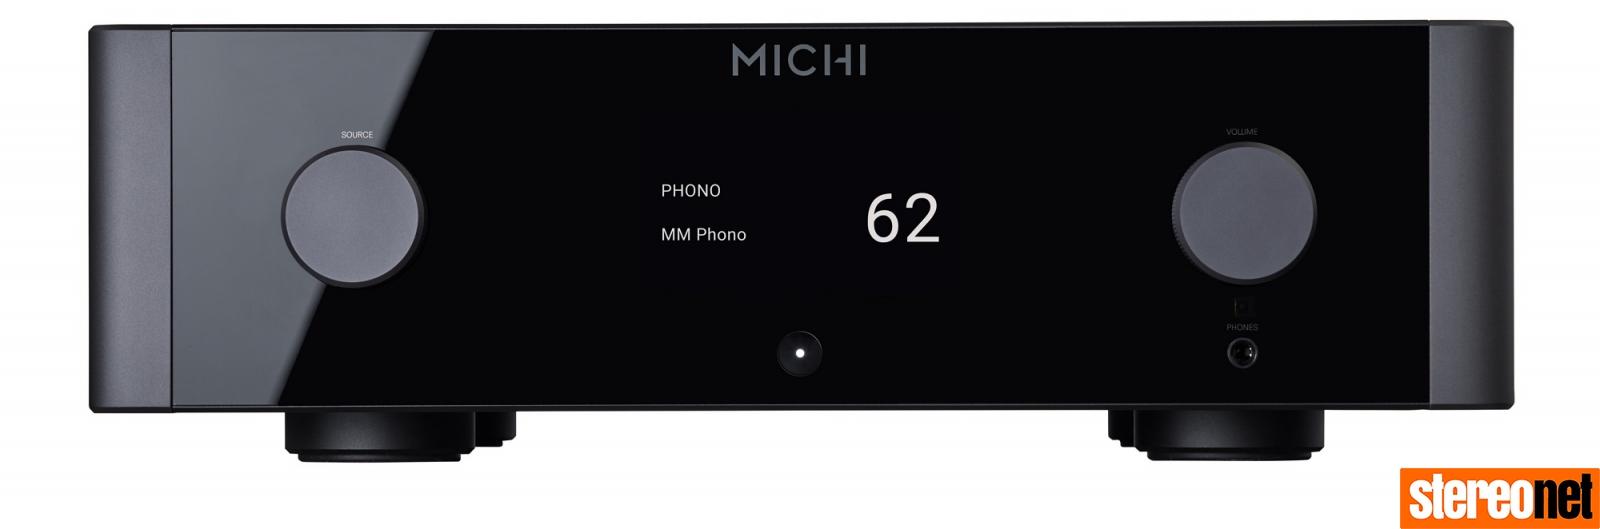 Michi P5 preamp